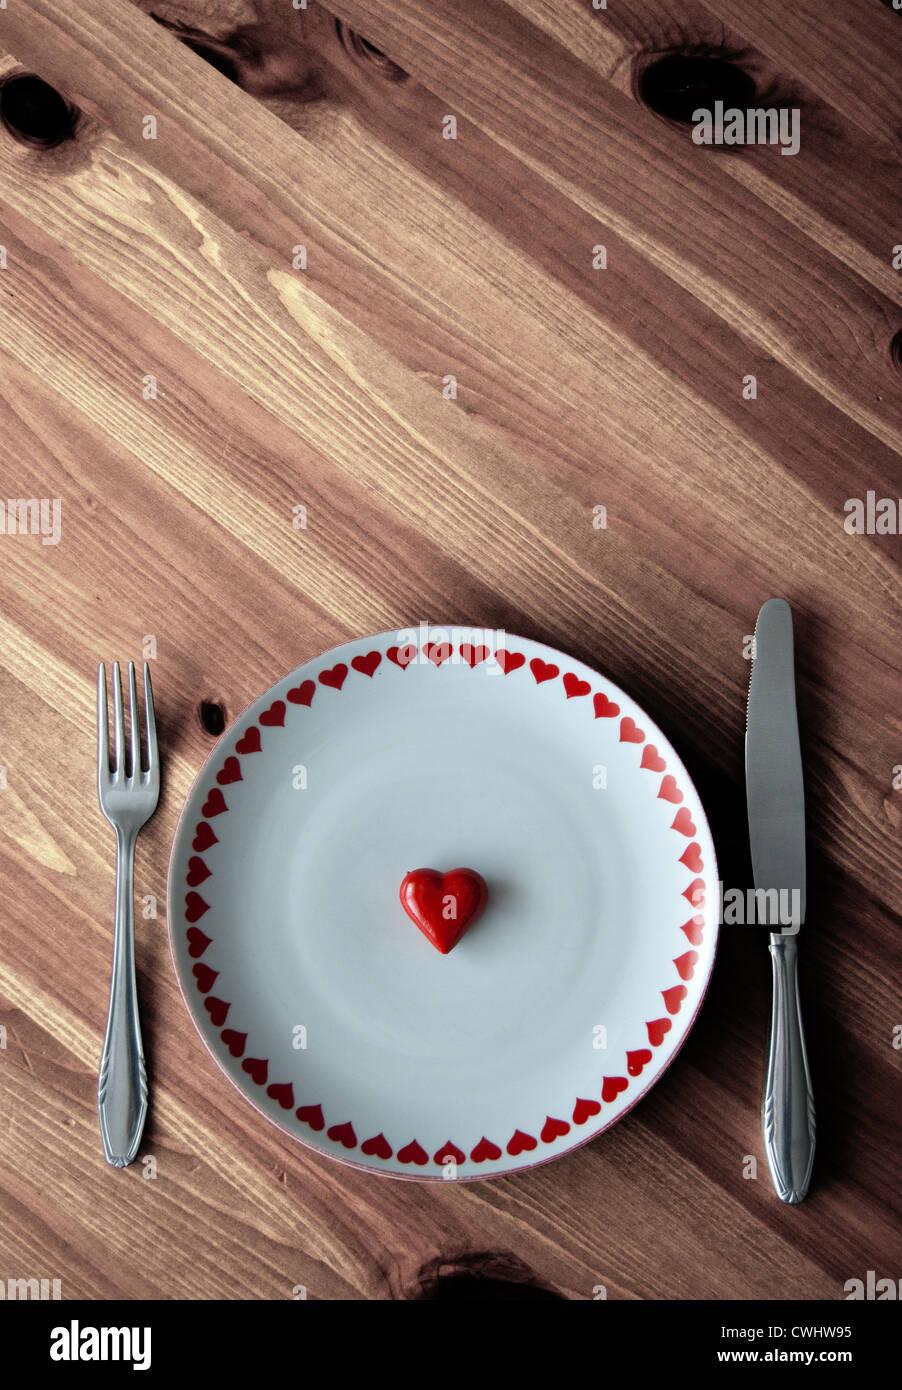 Cuore,fame,luogo impostazione Immagini Stock